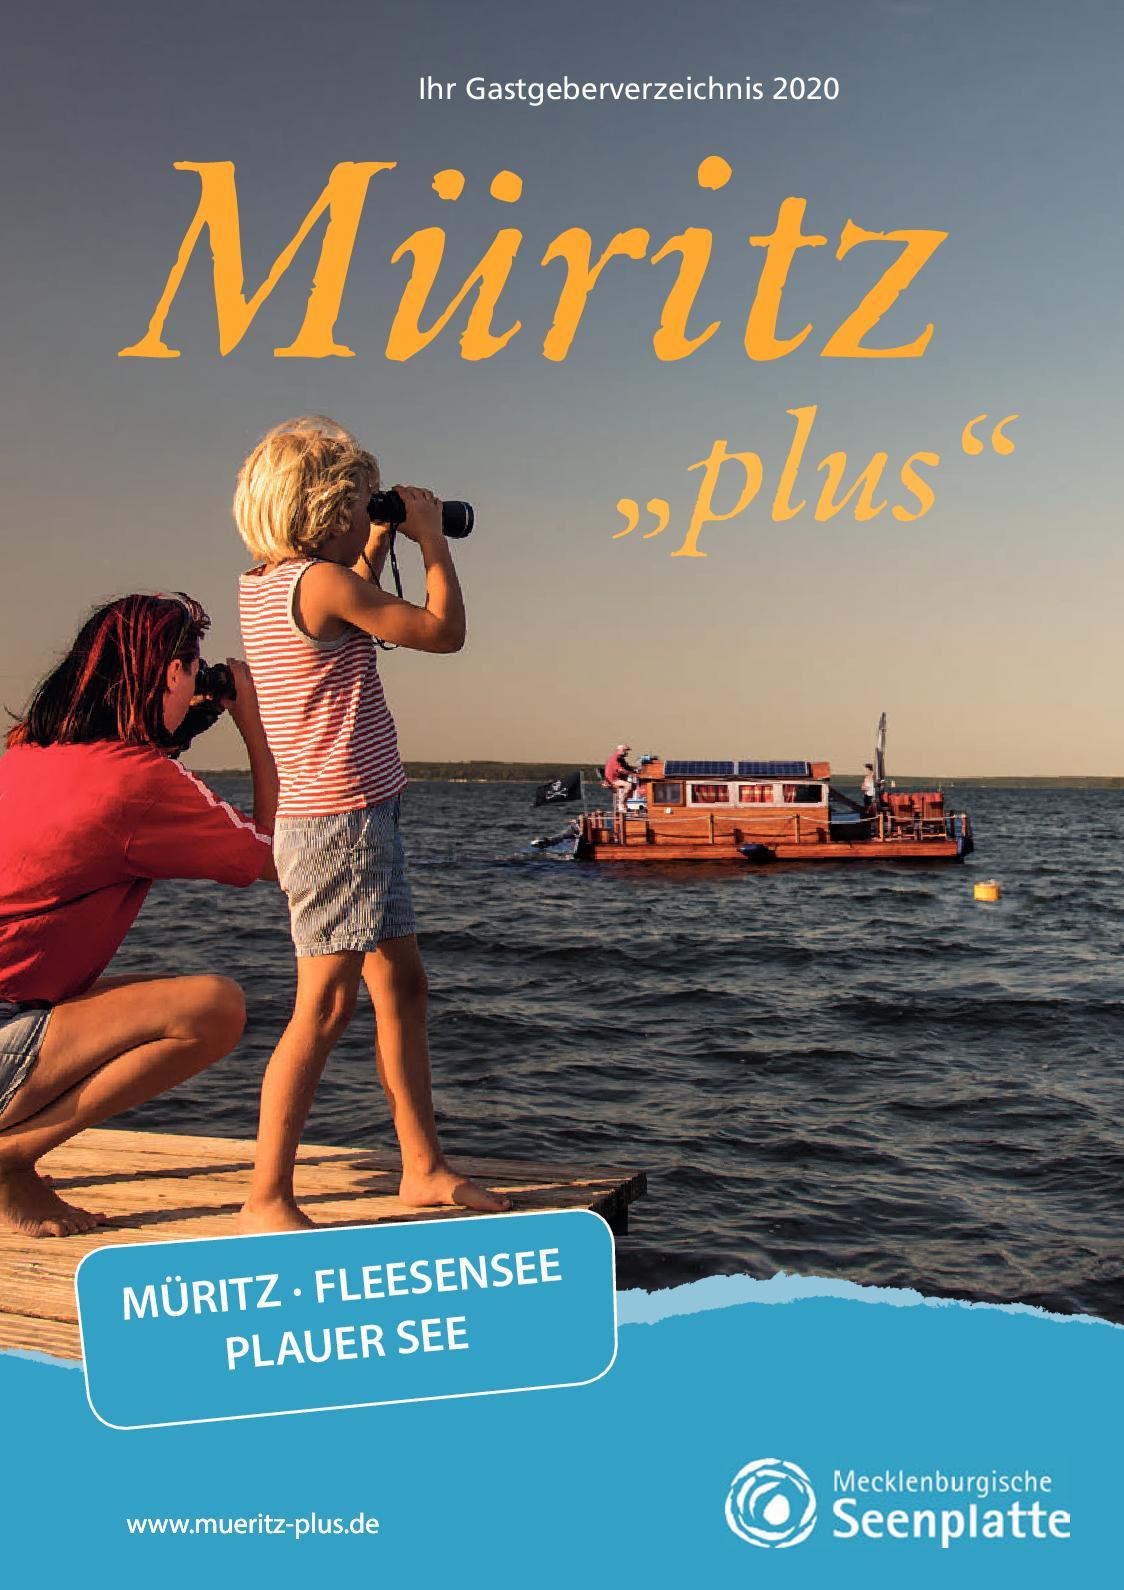 Grundstück Gestalten Elegant Calaméo Gastgeberverzeichnis Müritz Plus 2020